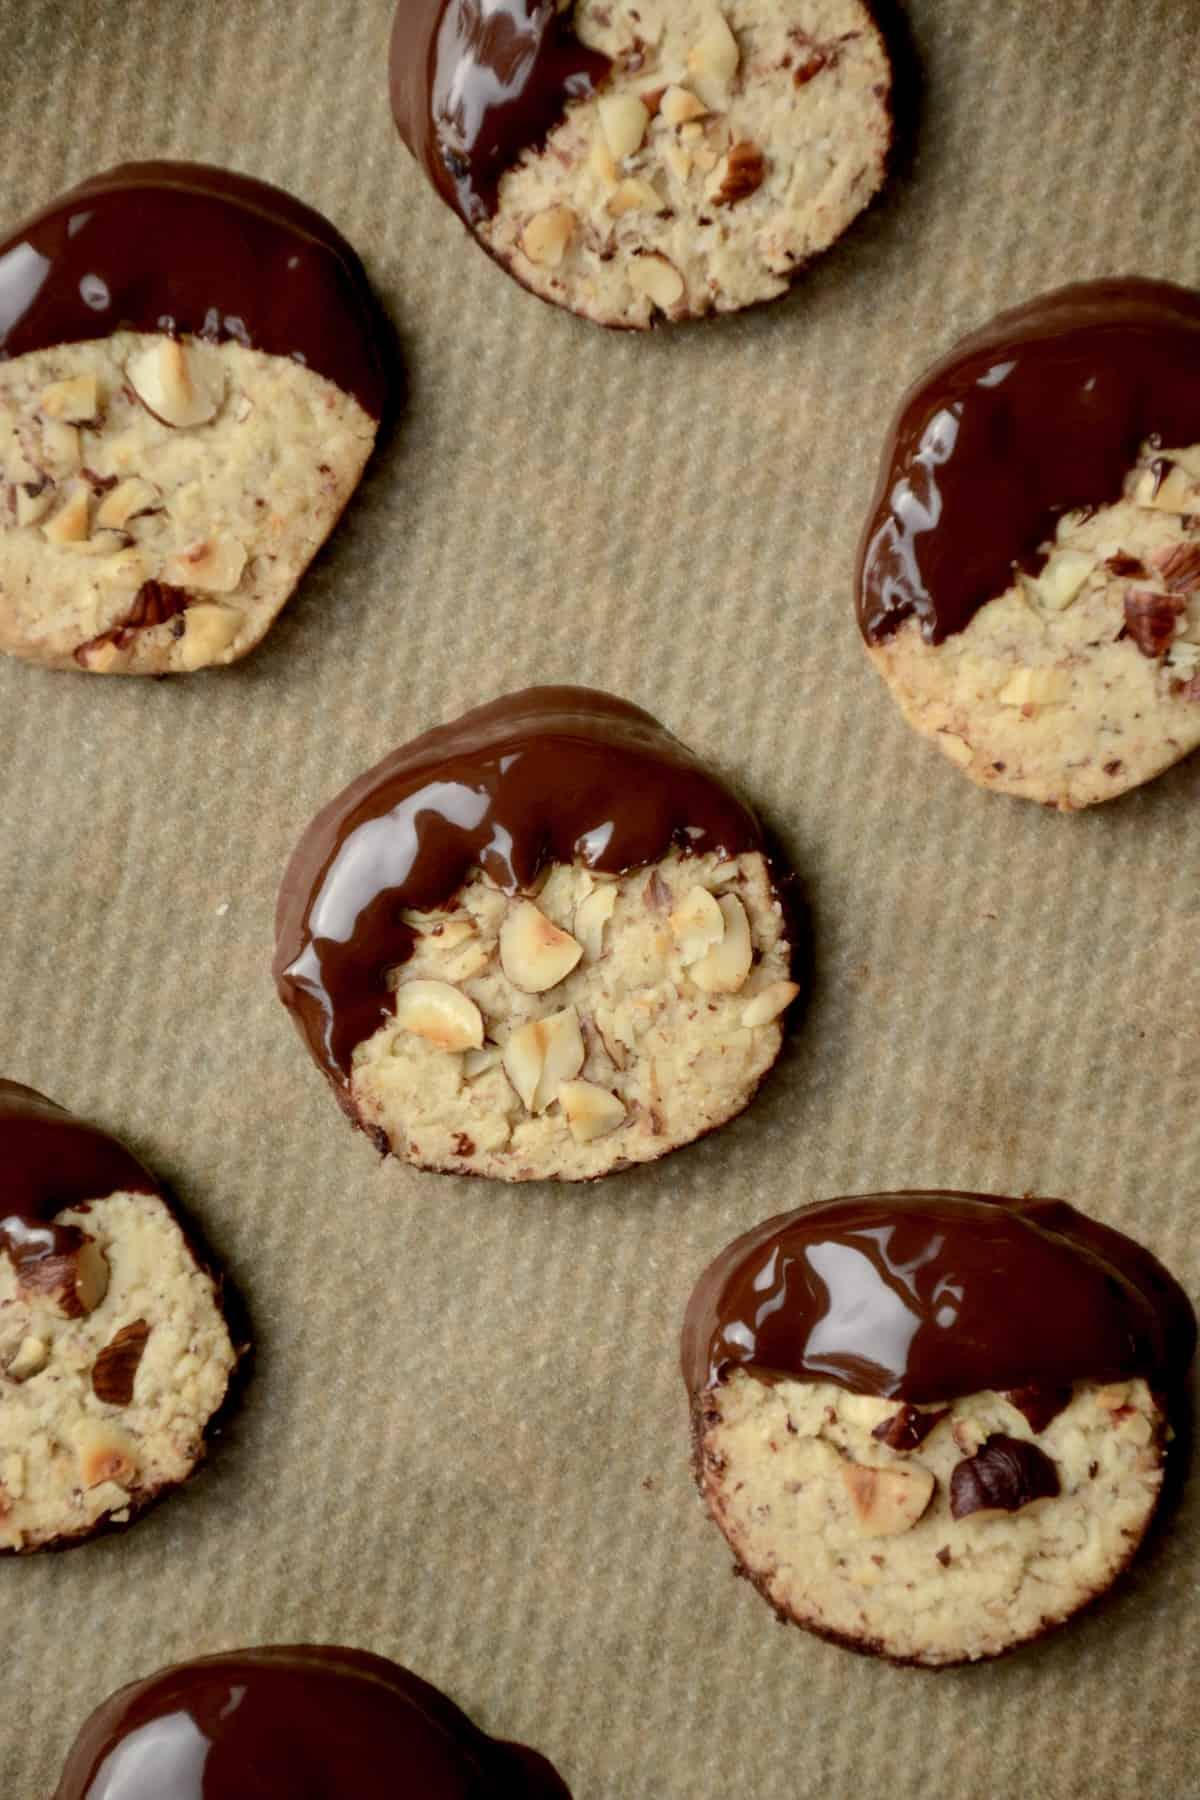 Cookies half dipped in dark chocolate.